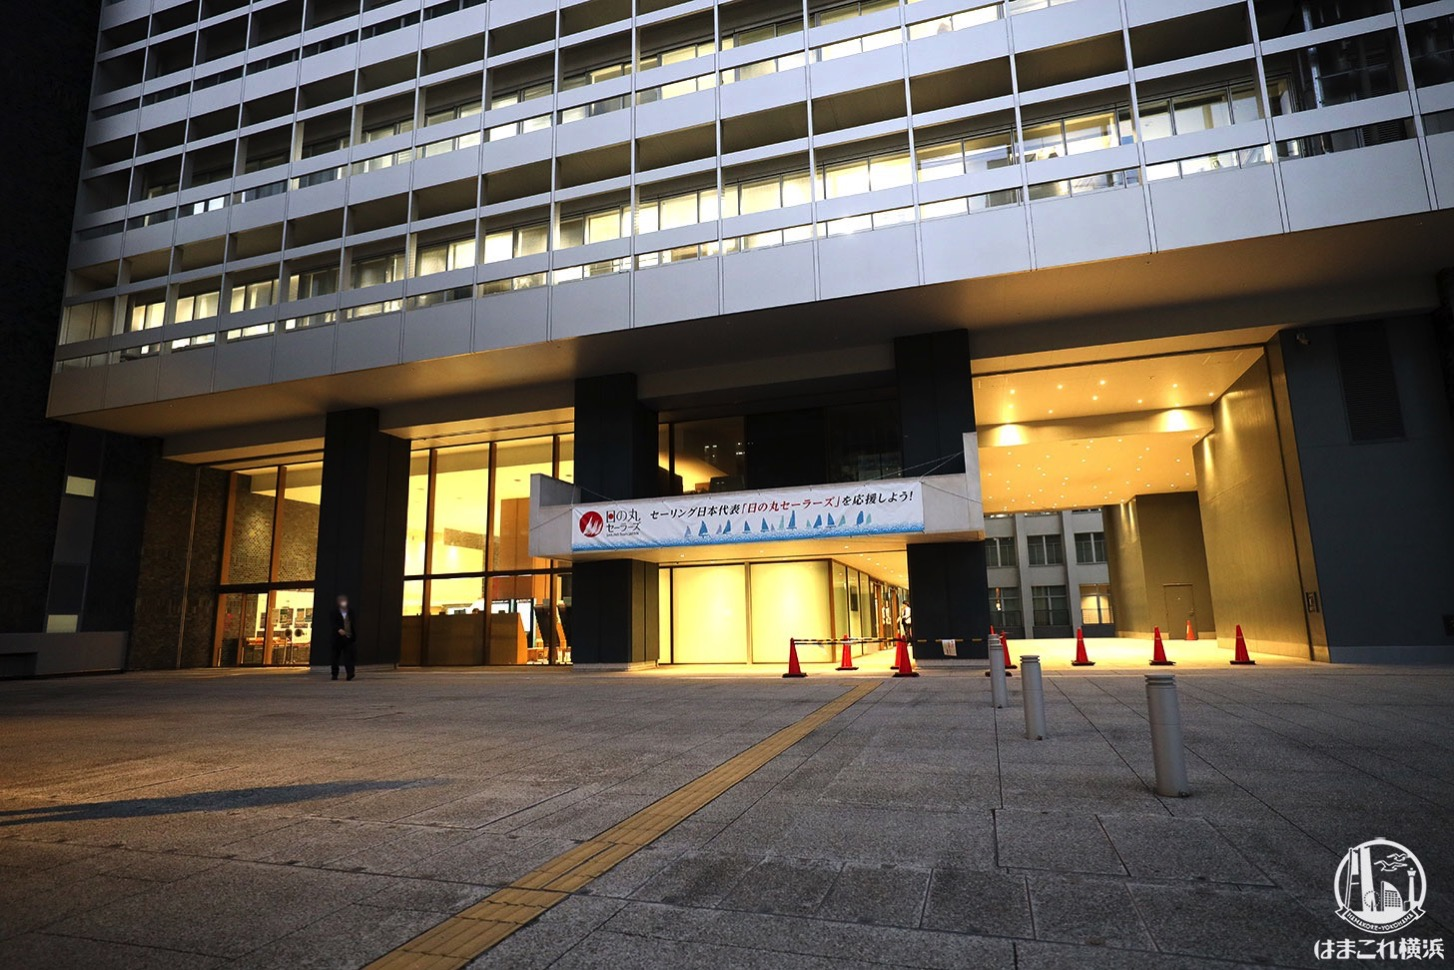 神奈川県庁新庁舎 外観・入口